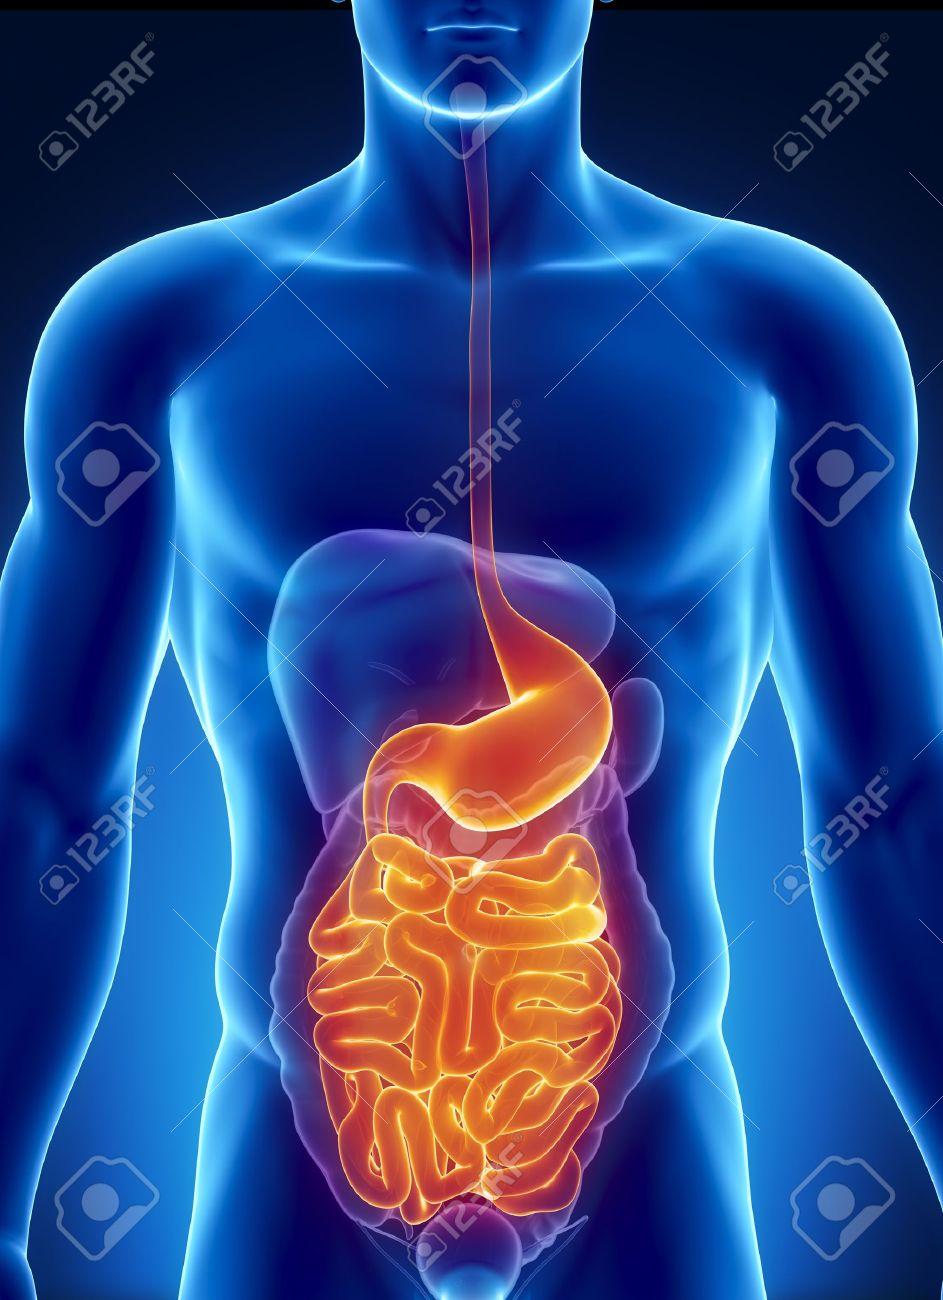 Männliche Anatomie Der Menschlichen Verdauungstrakt In X-ray-Ansicht ...